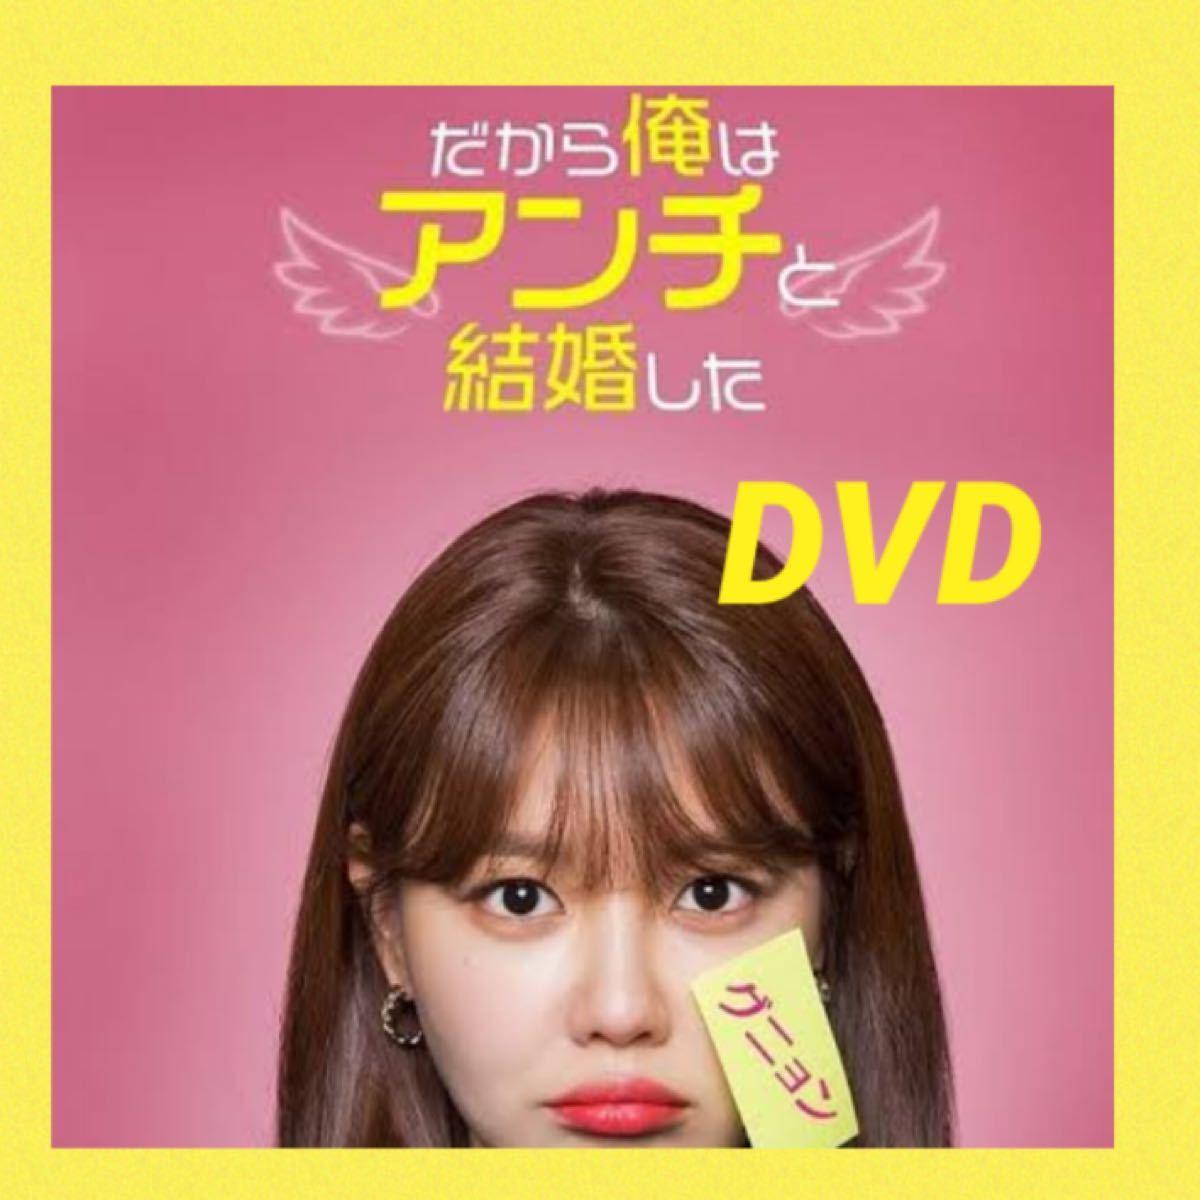 韓国ドラマ だから俺はアンチと結婚した DVD全話【レーベル印刷あり】